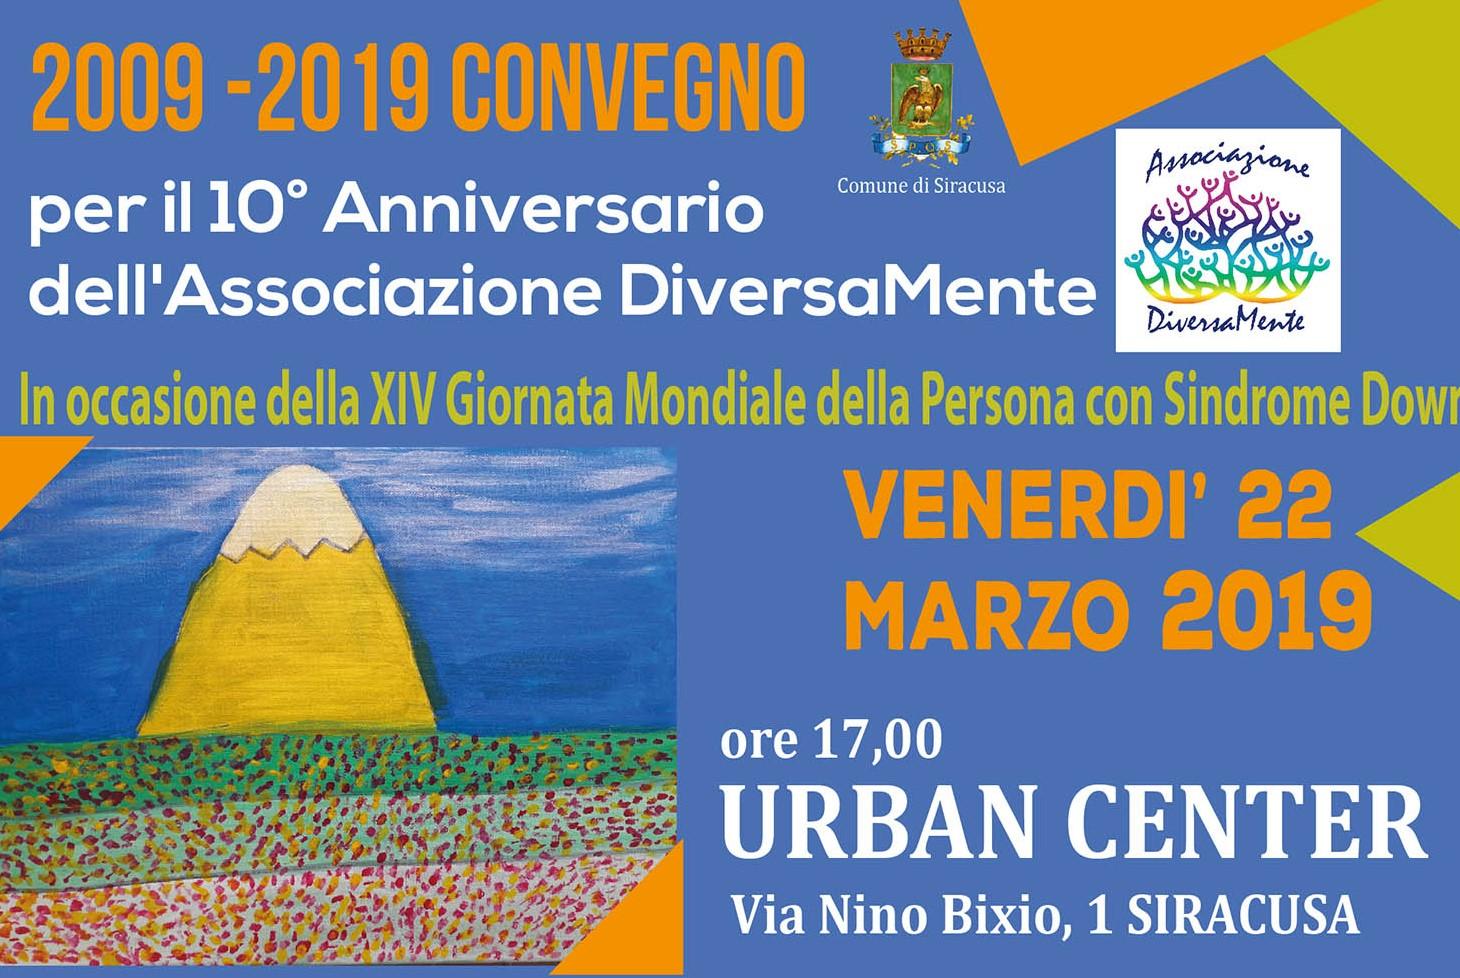 Siracusa, convegno per celebrare i 10 anni dell'associazione DiversaMente